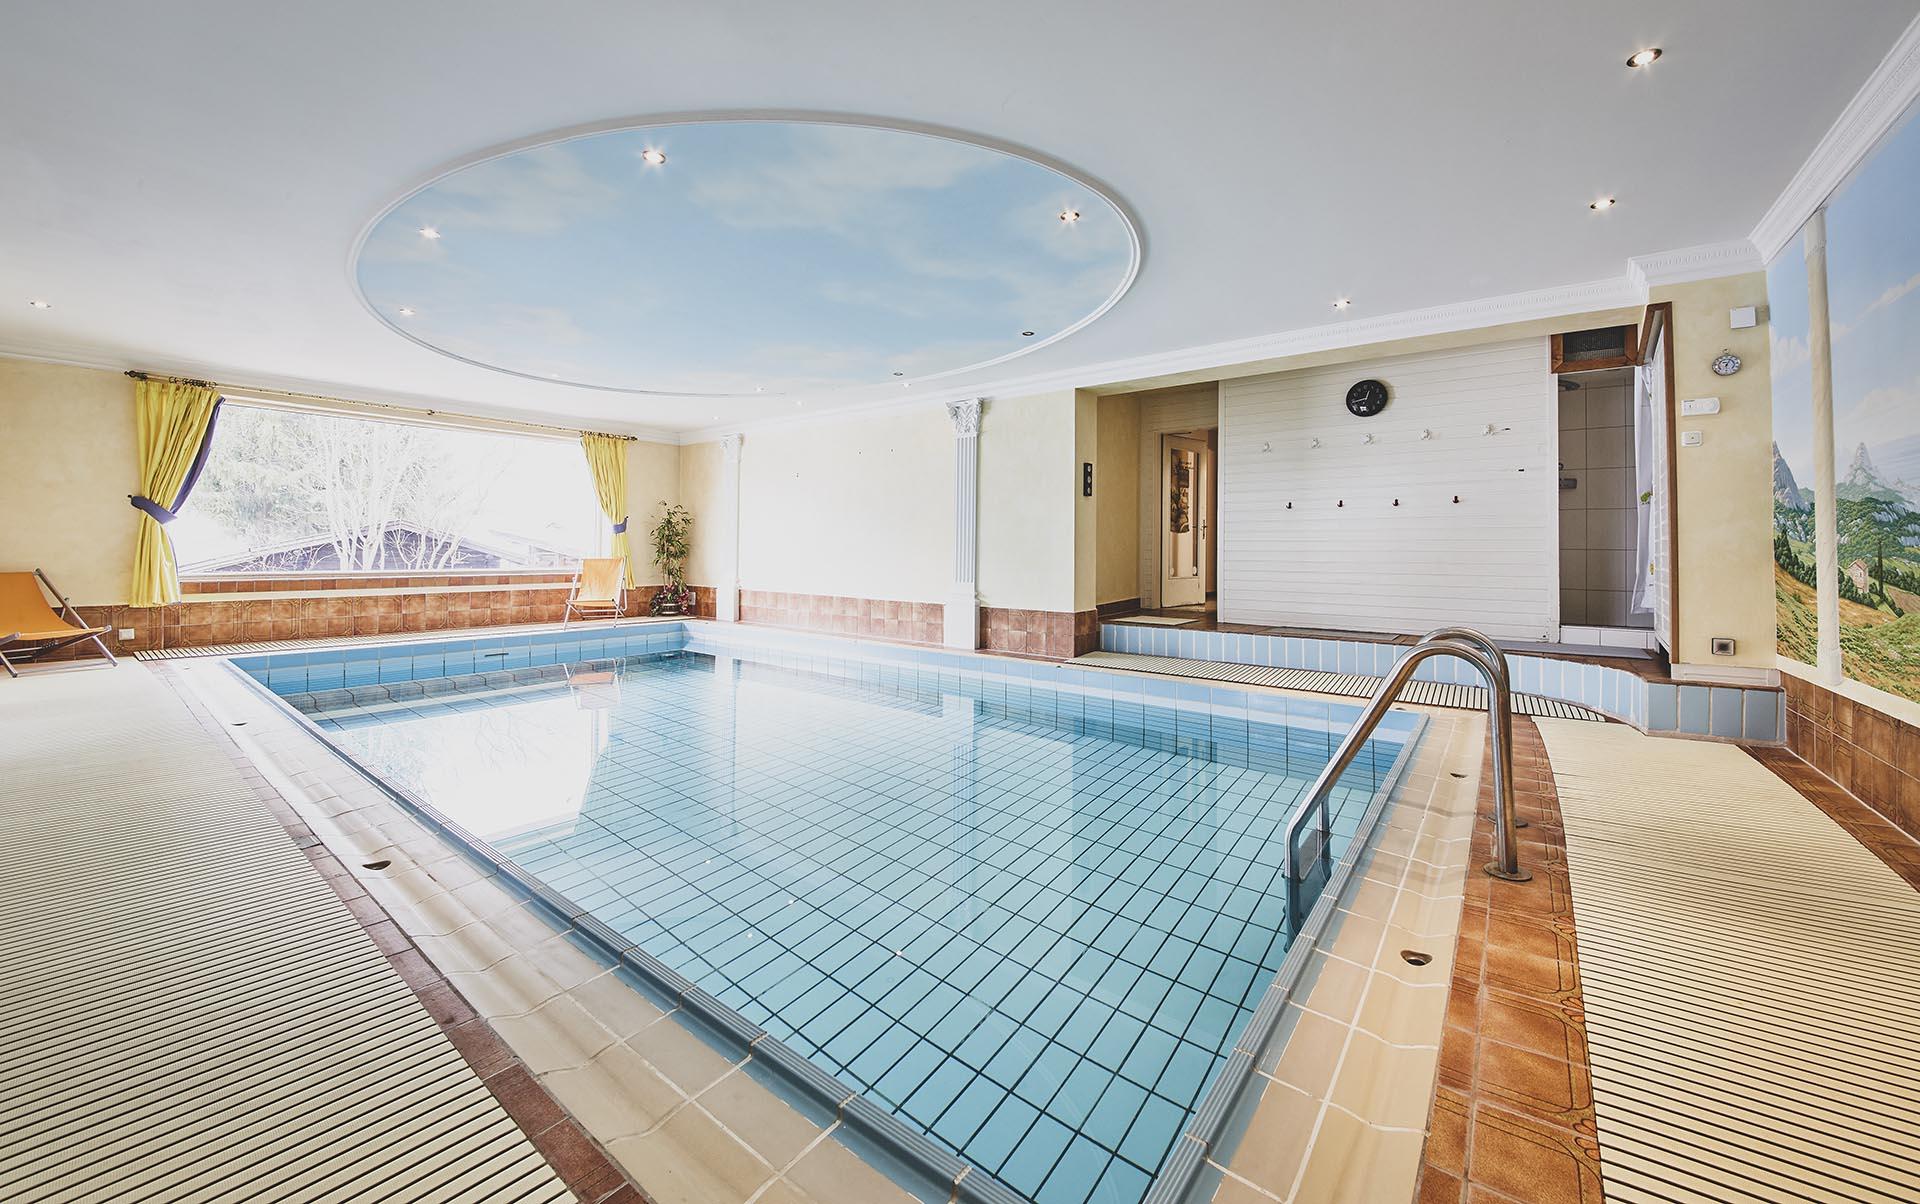 Appartementhaus Widenius in Hinterglemm mit Pool